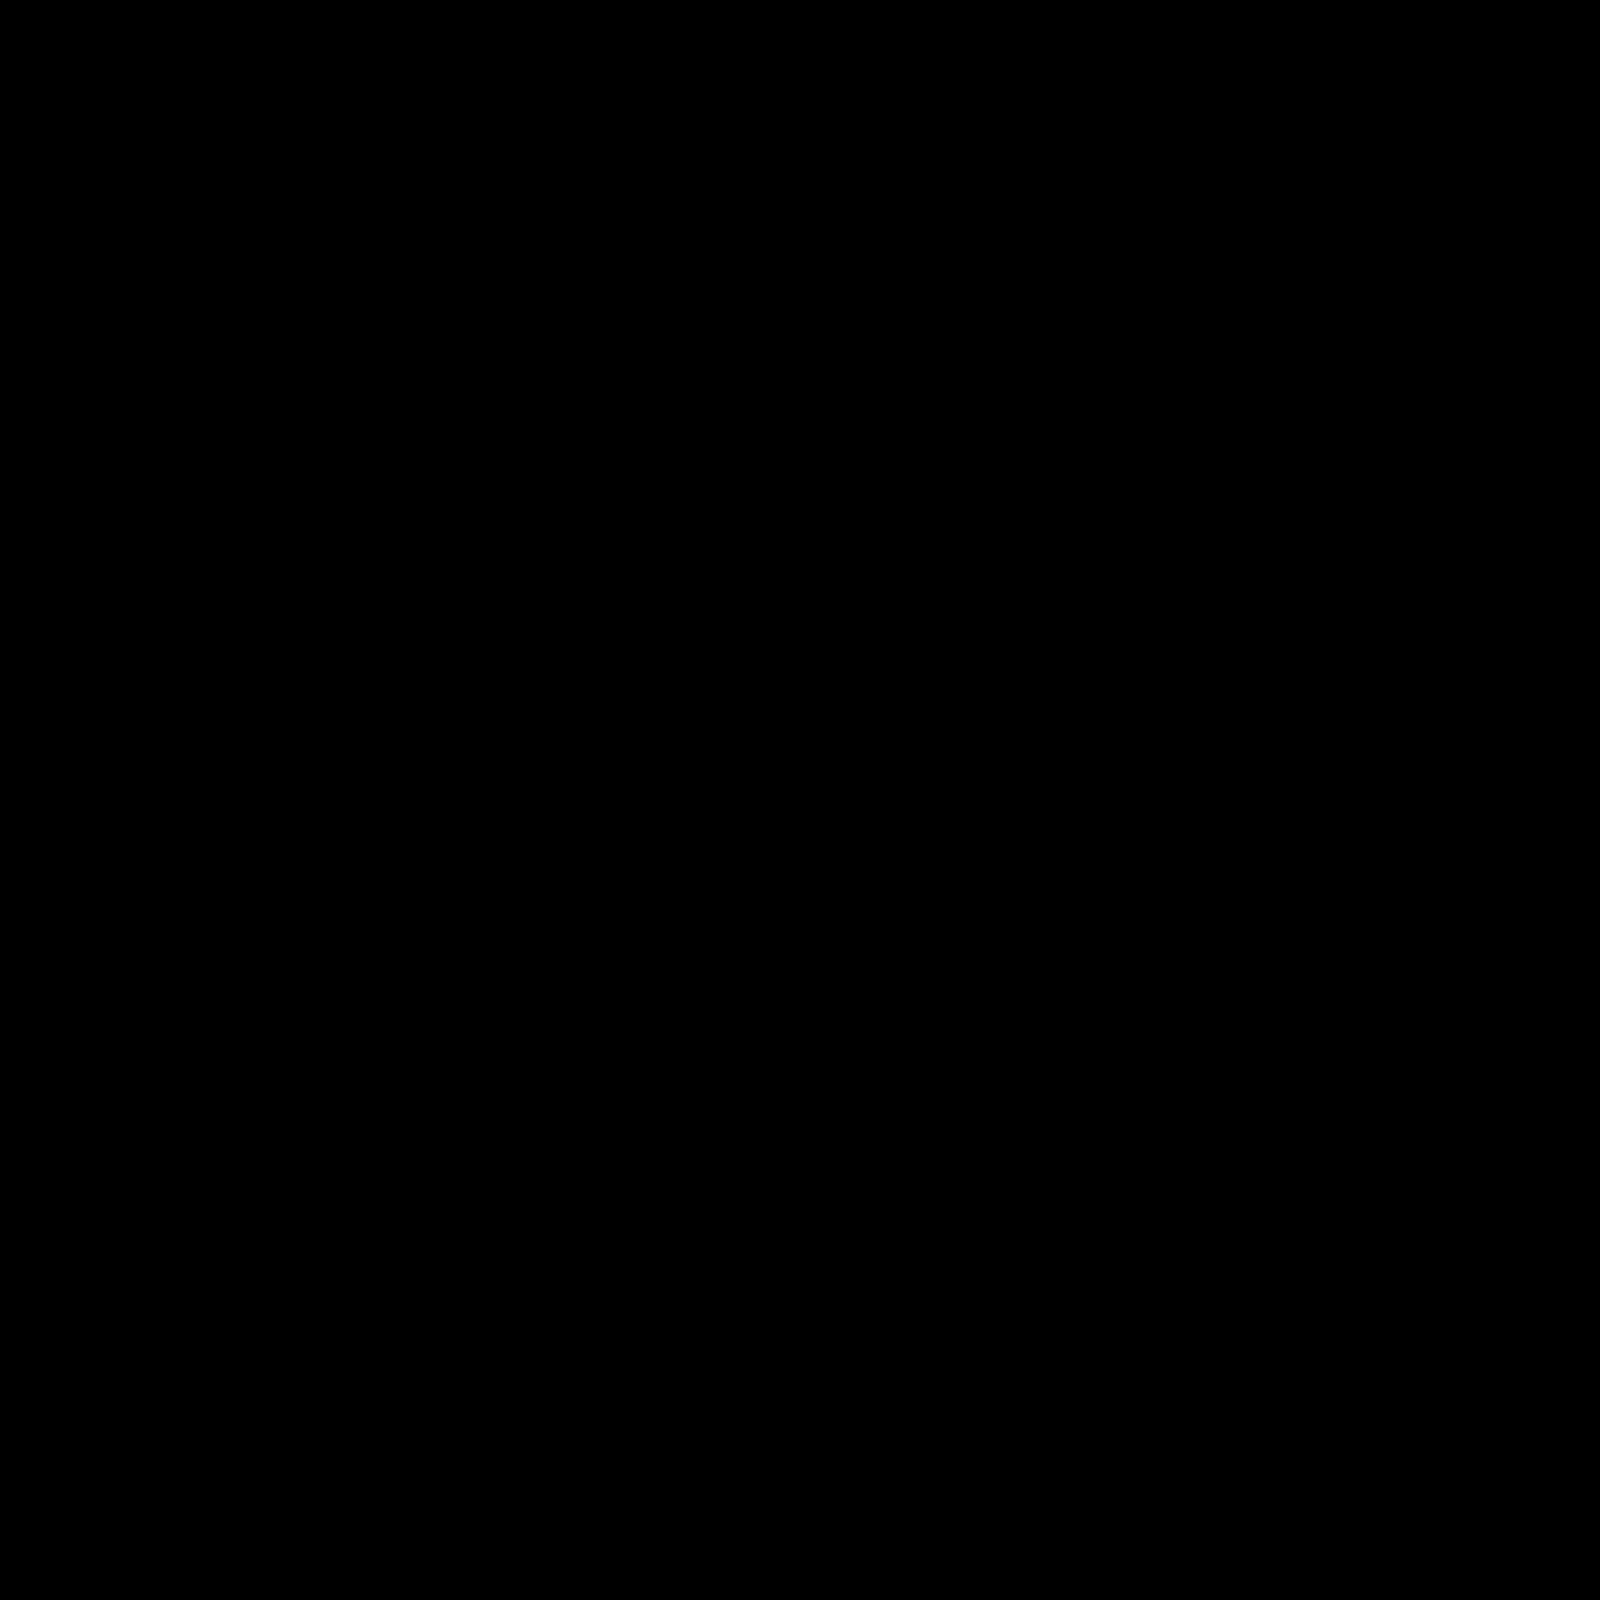 Voltage icon